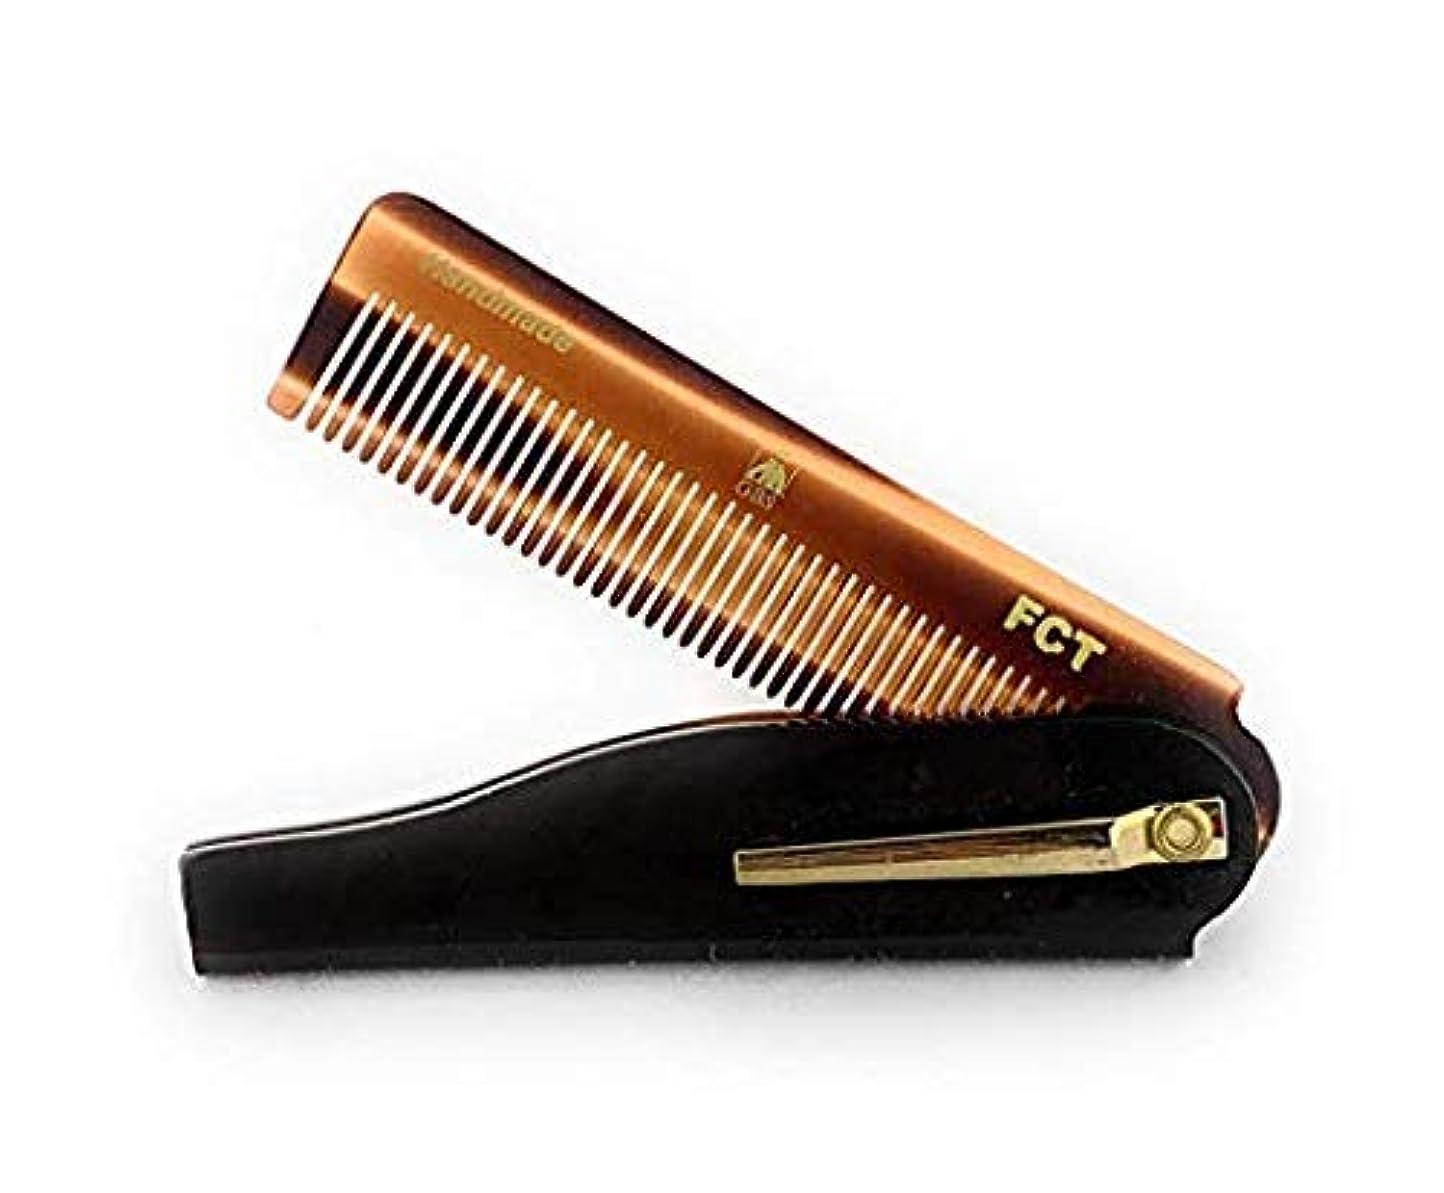 不名誉な経済表面的なGBS Men's Folding Anti-Static No Snag All Purpose Hair and Beard Tortoise Comb- Handmade Sawcut - 100mm Fine Teeth...